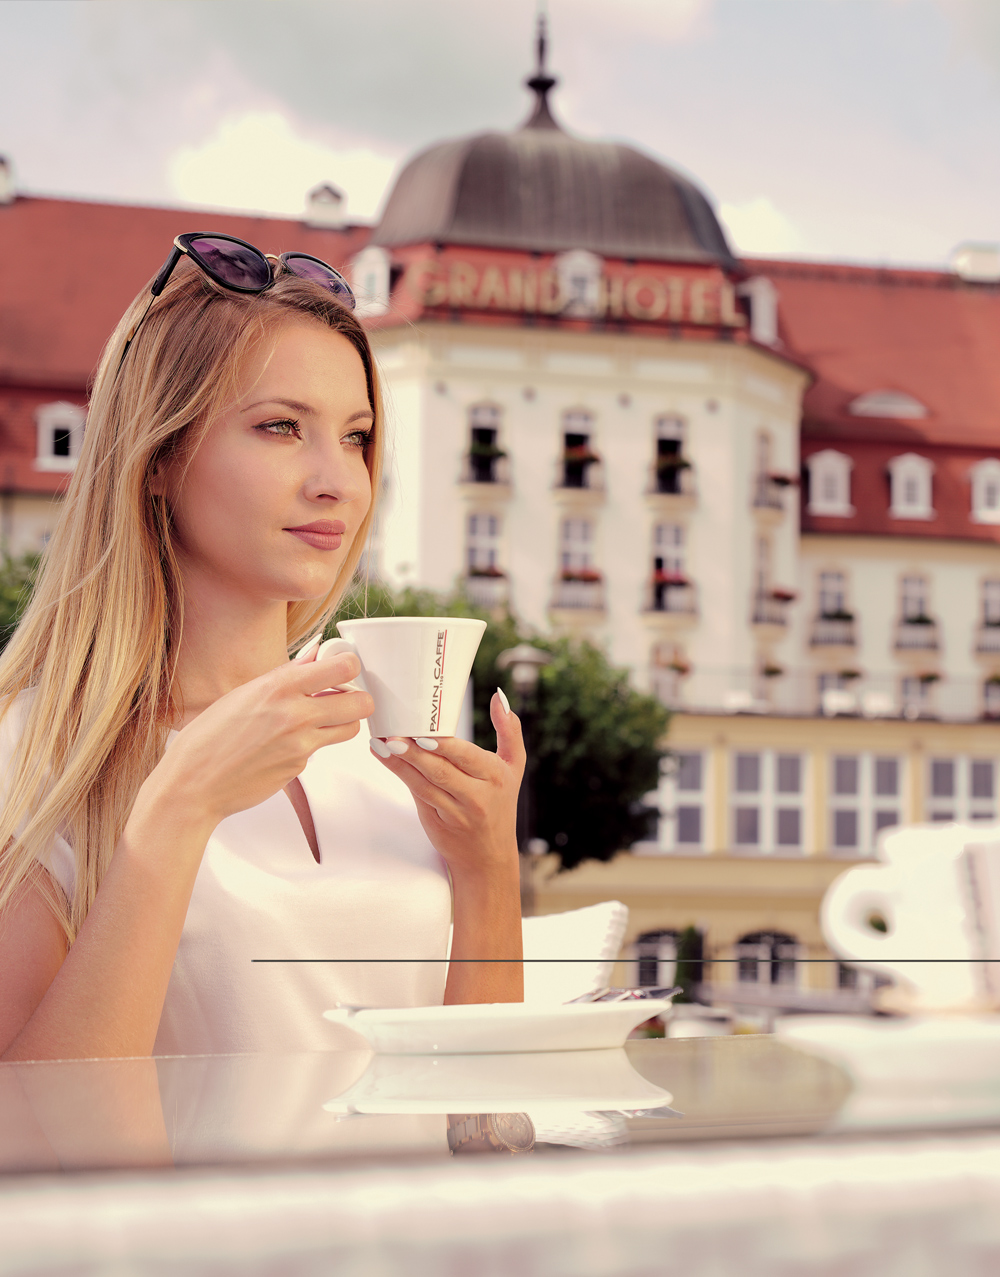 pavin-caffe-partnership-collaborazioni-mercato-estero